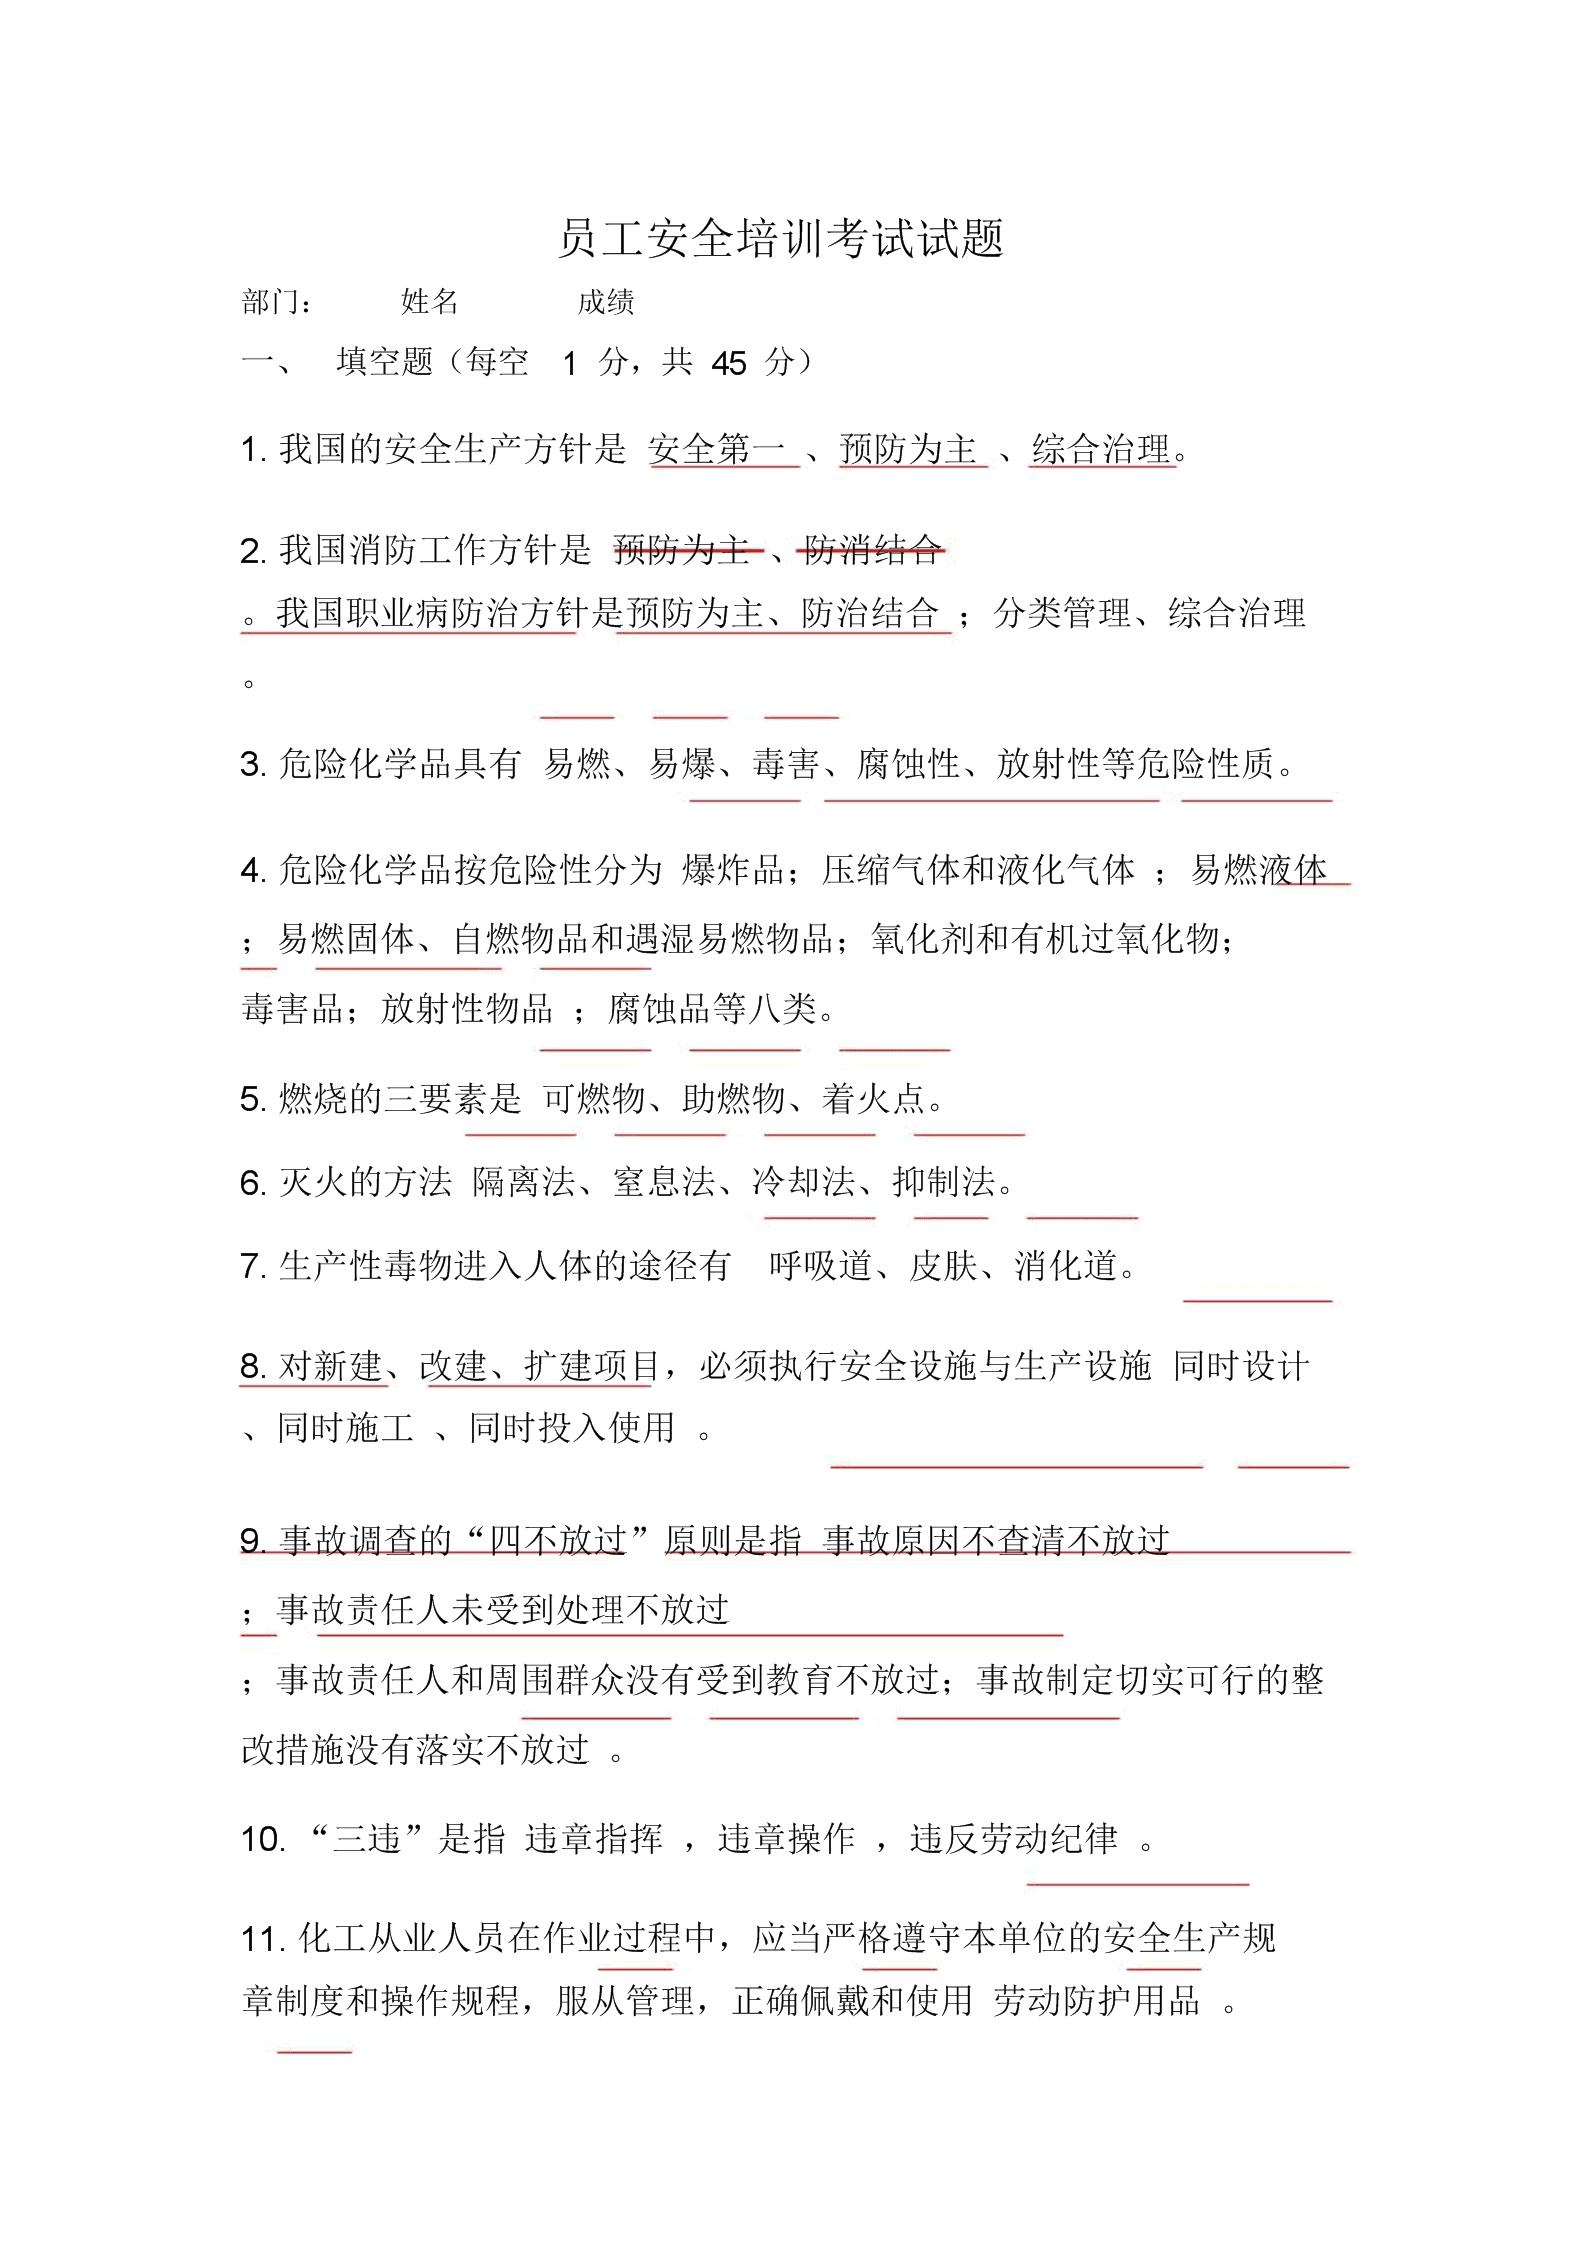 企业安全学习培训考试试卷试题答案.doc